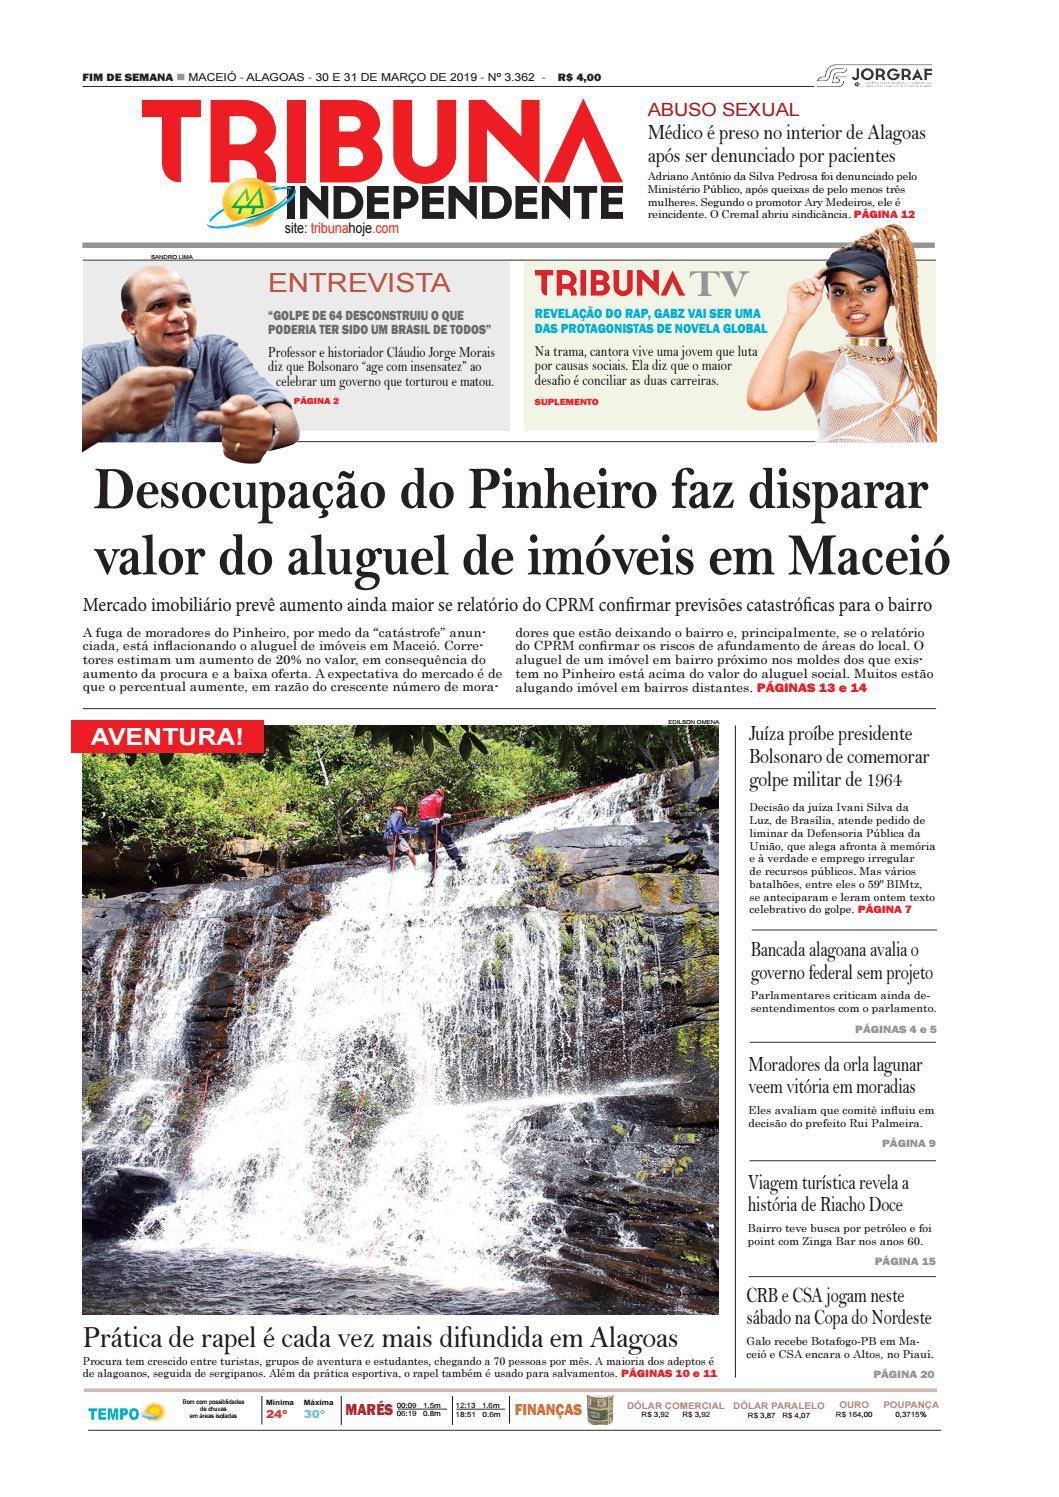 f2d1c5fae070a Edição número 3362 – 30 31 de março de 2019 by Tribuna Hoje - issuu